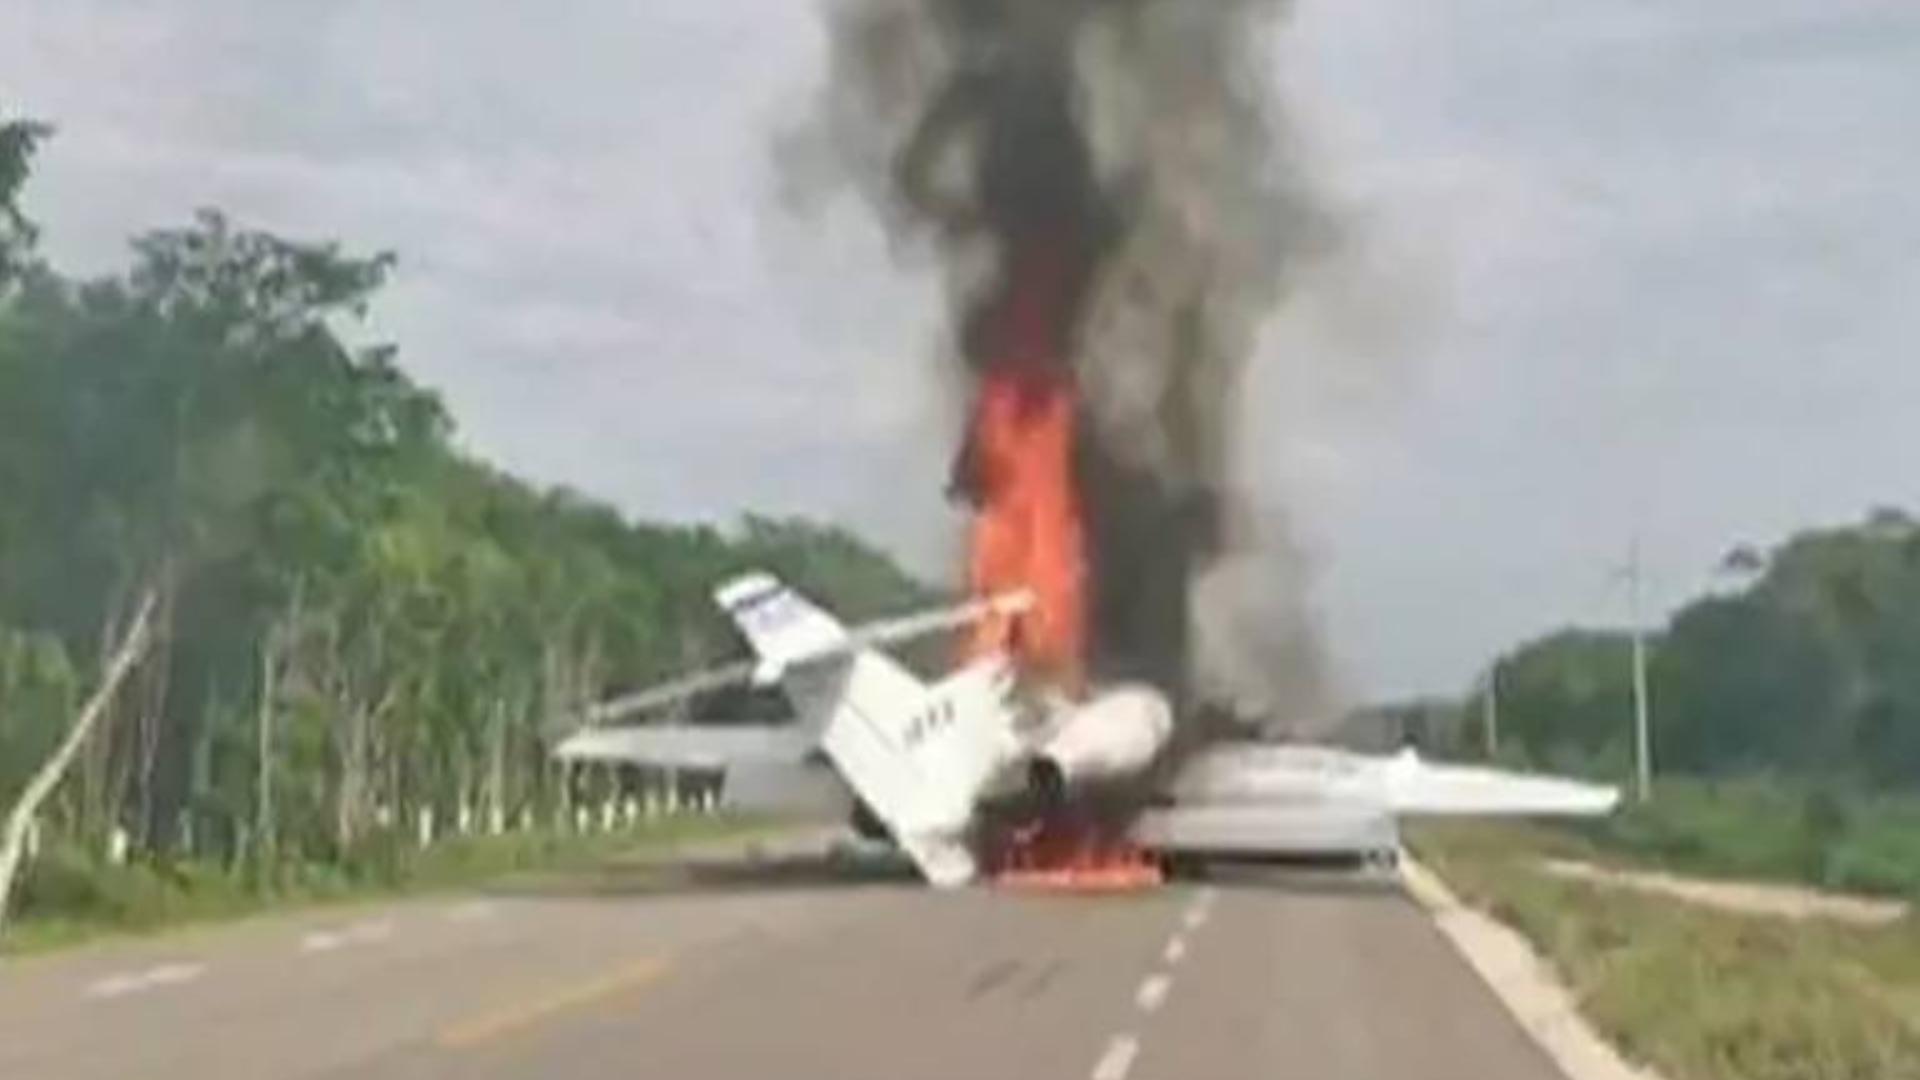 墨西哥运毒机遭军方拦截,毒犯点燃飞机逃离,数百斤毒品被烧毁